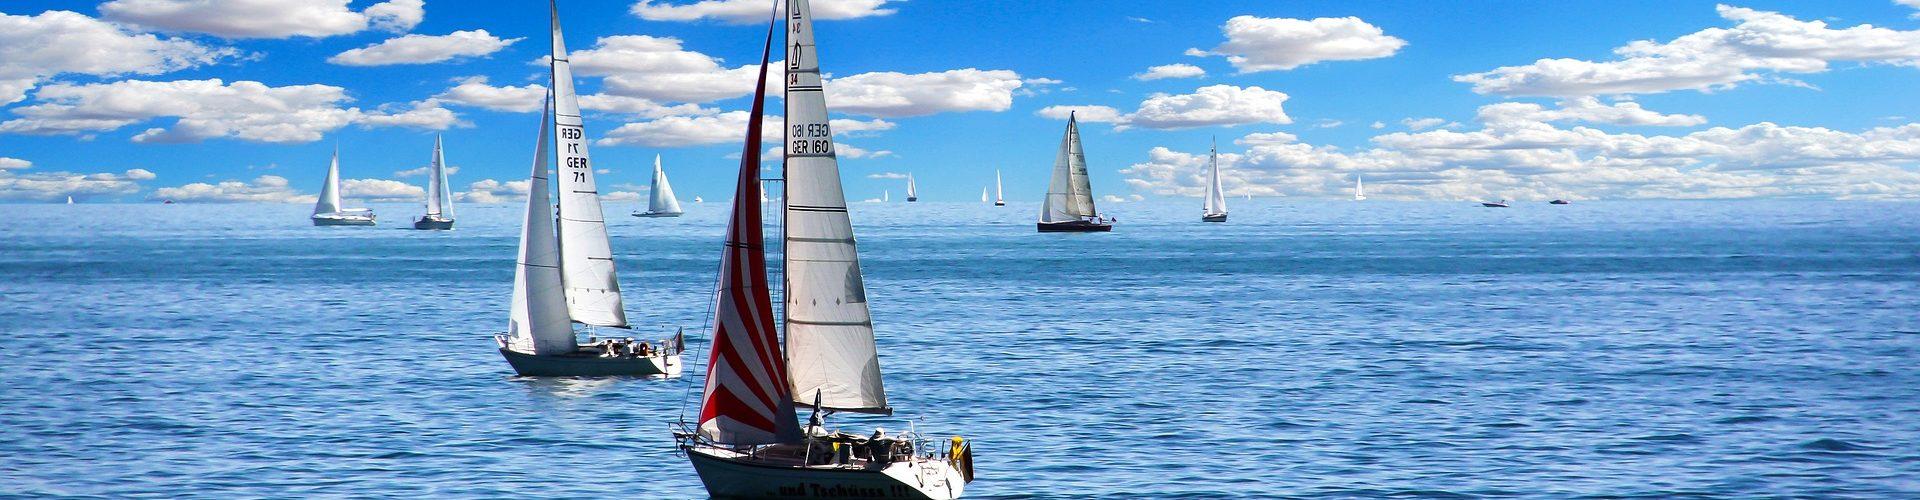 segeln lernen in Putbus segelschein machen in Putbus 1920x500 - Segeln lernen in Putbus